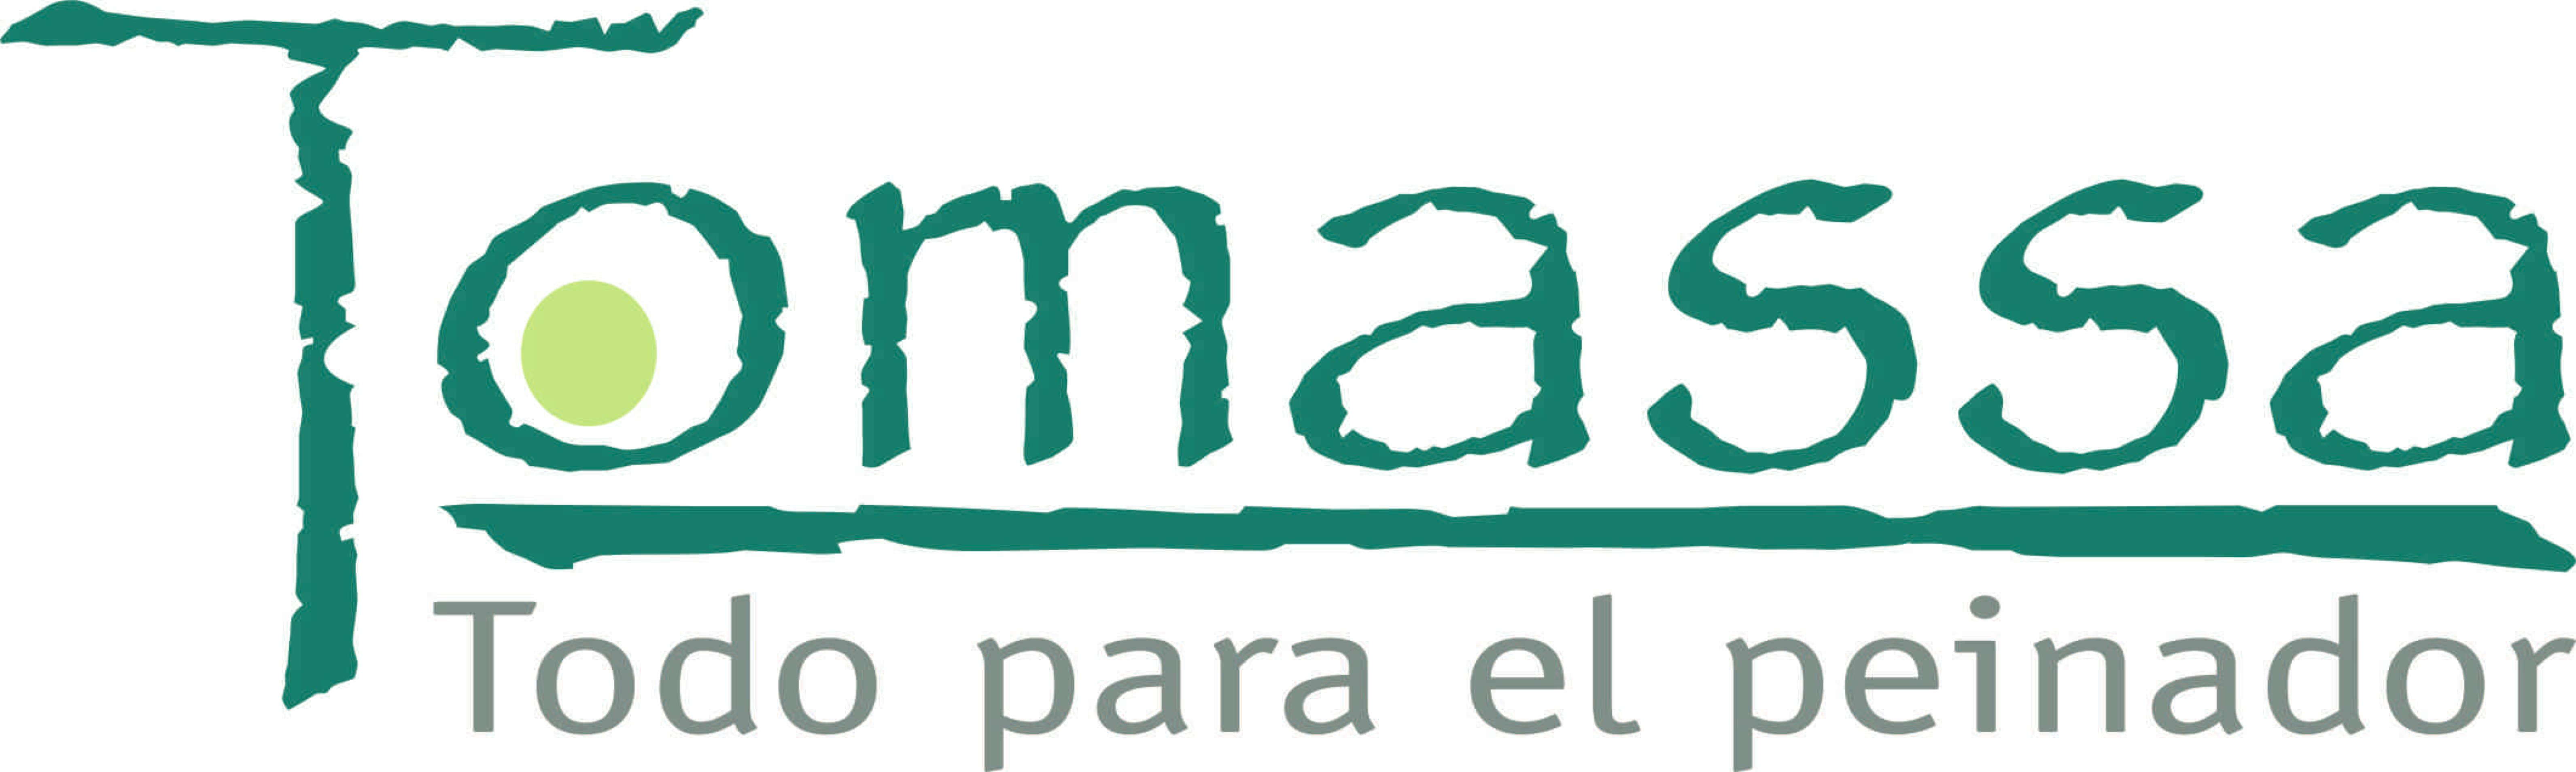 Logo tomassa-0ee110a9f941bf813c19856b84fad1891513279309.png 0 ccdb3384087b